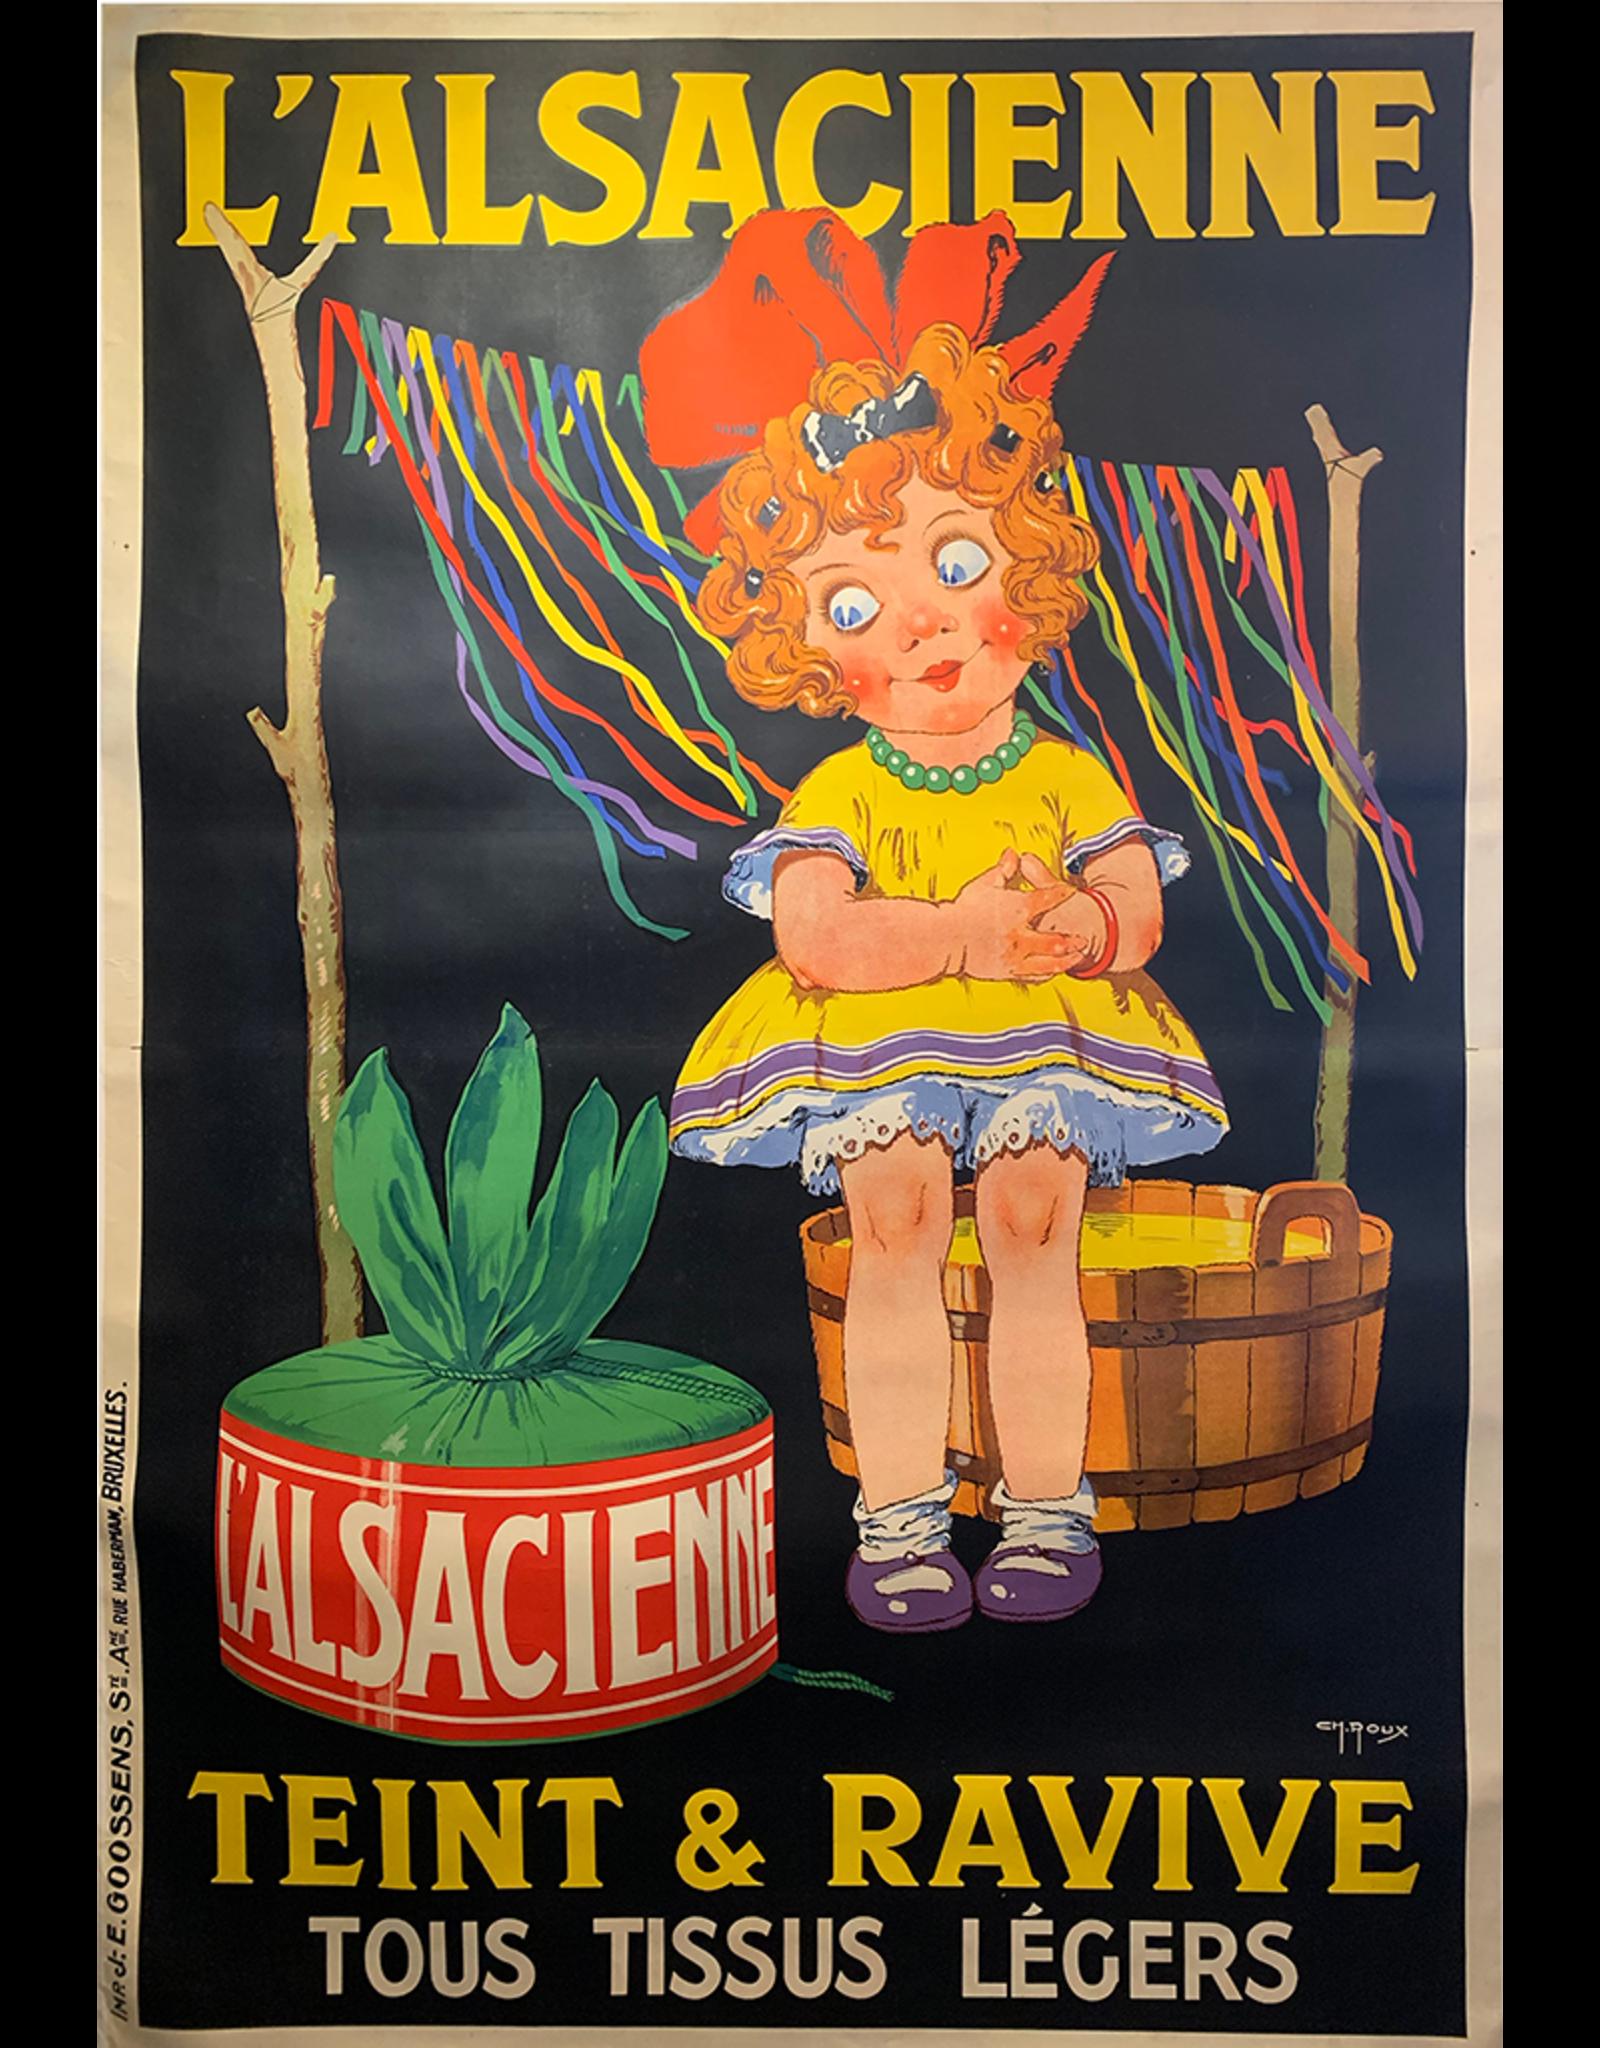 SPV L'Alsagienne Teint &Ravive